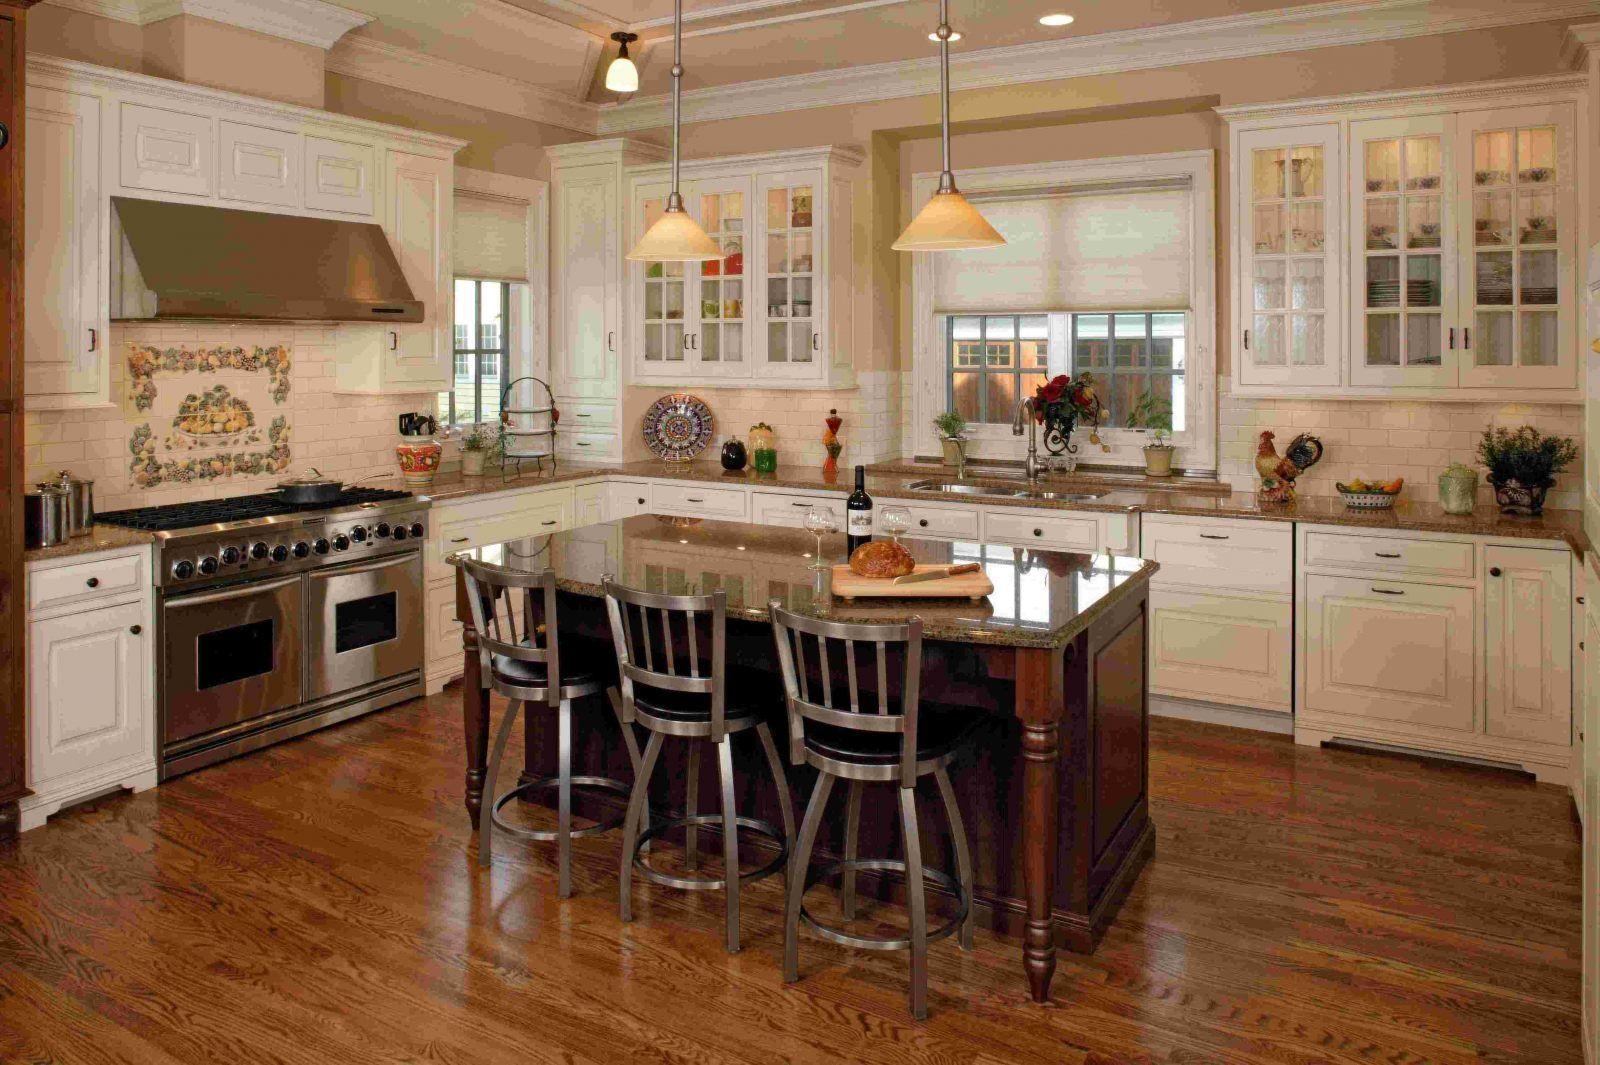 muebles de cocina rusticos - Buscar con Google   nueva cocina ...